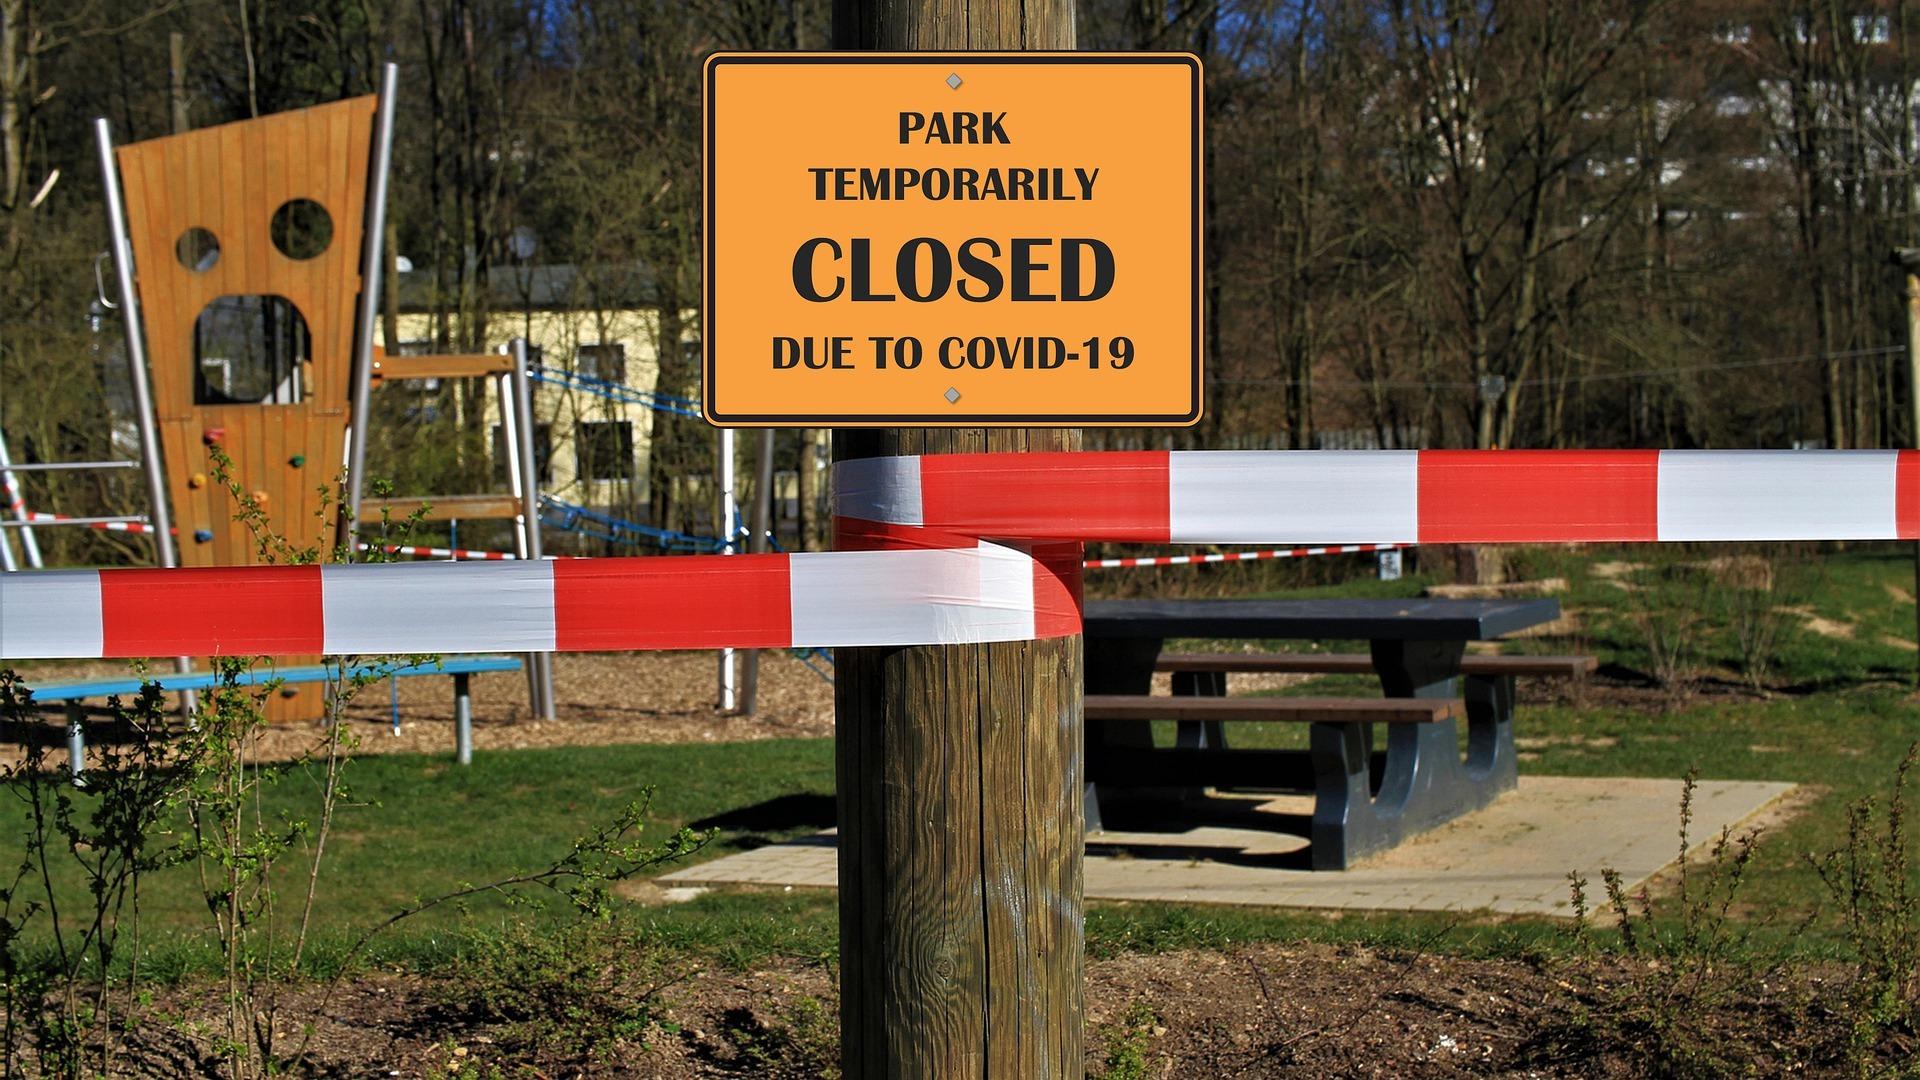 Park closed 5027657 1920